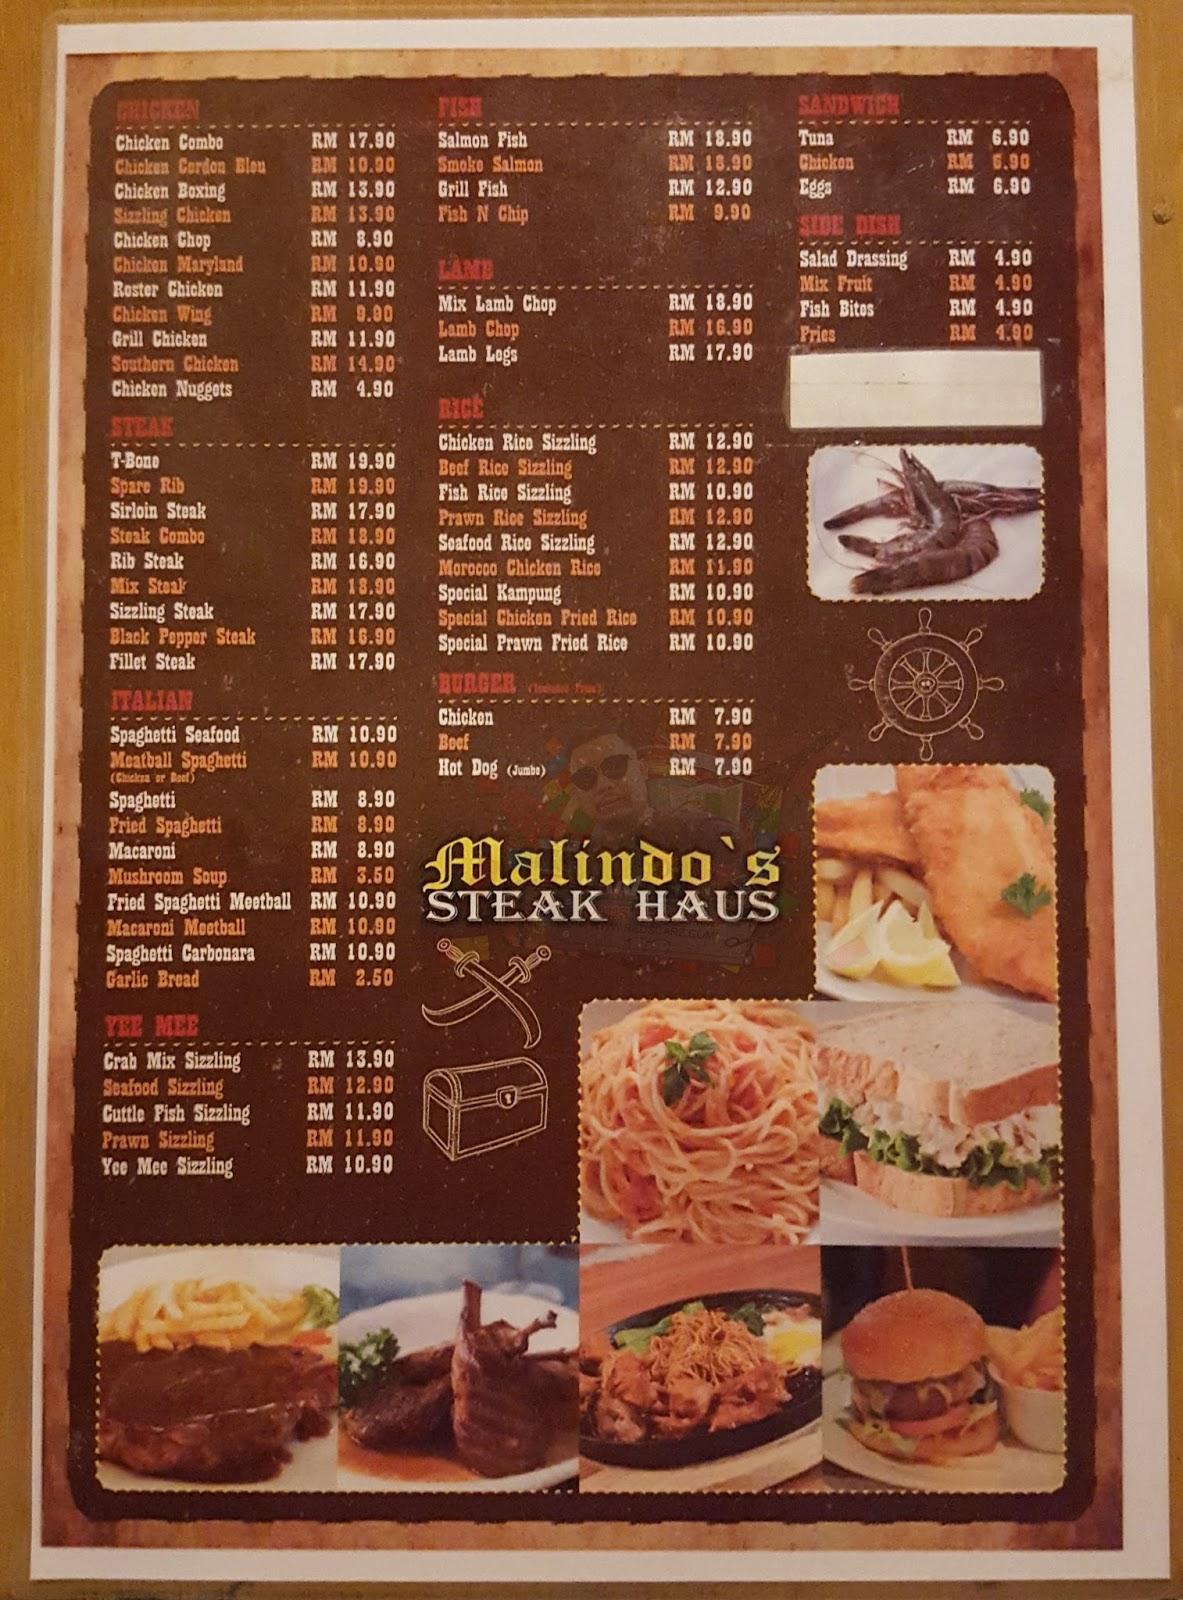 Daus Redscarz Western Food Murah Di Malindo S Steak Haus Ampang